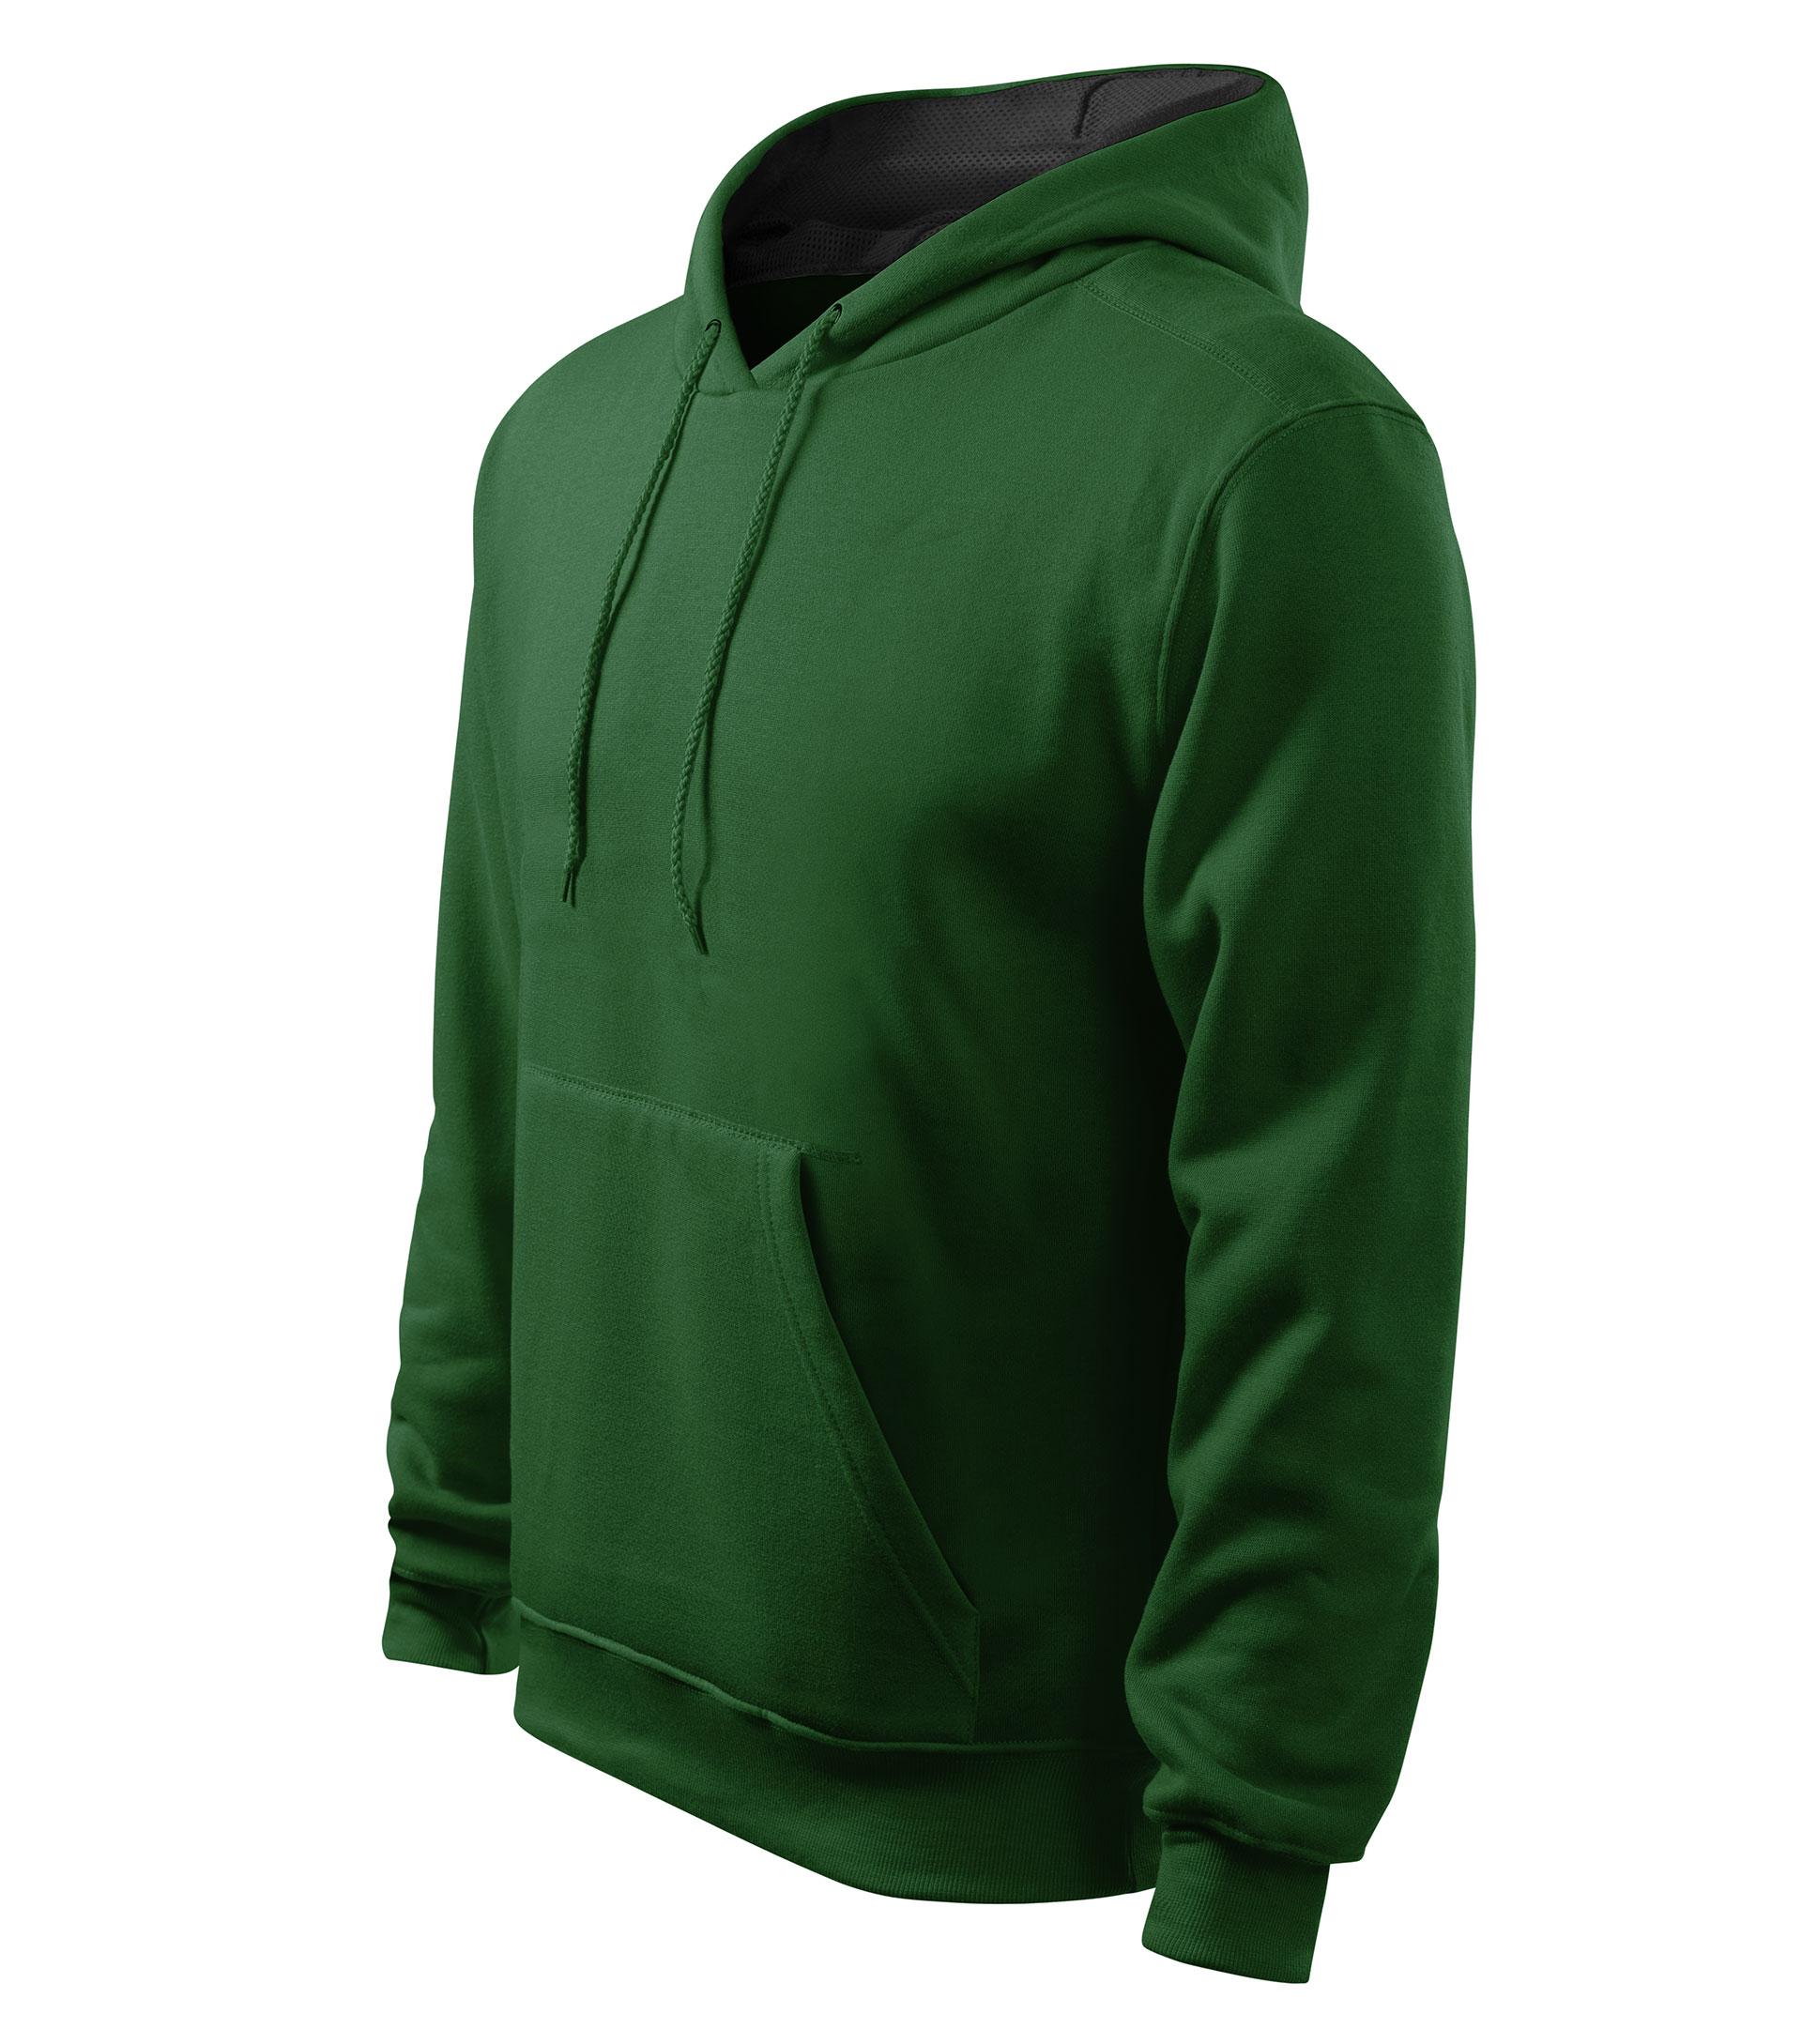 aa6b78d355 Férfi kapucnis pulcsi Hooded Sweater üvegzöld M